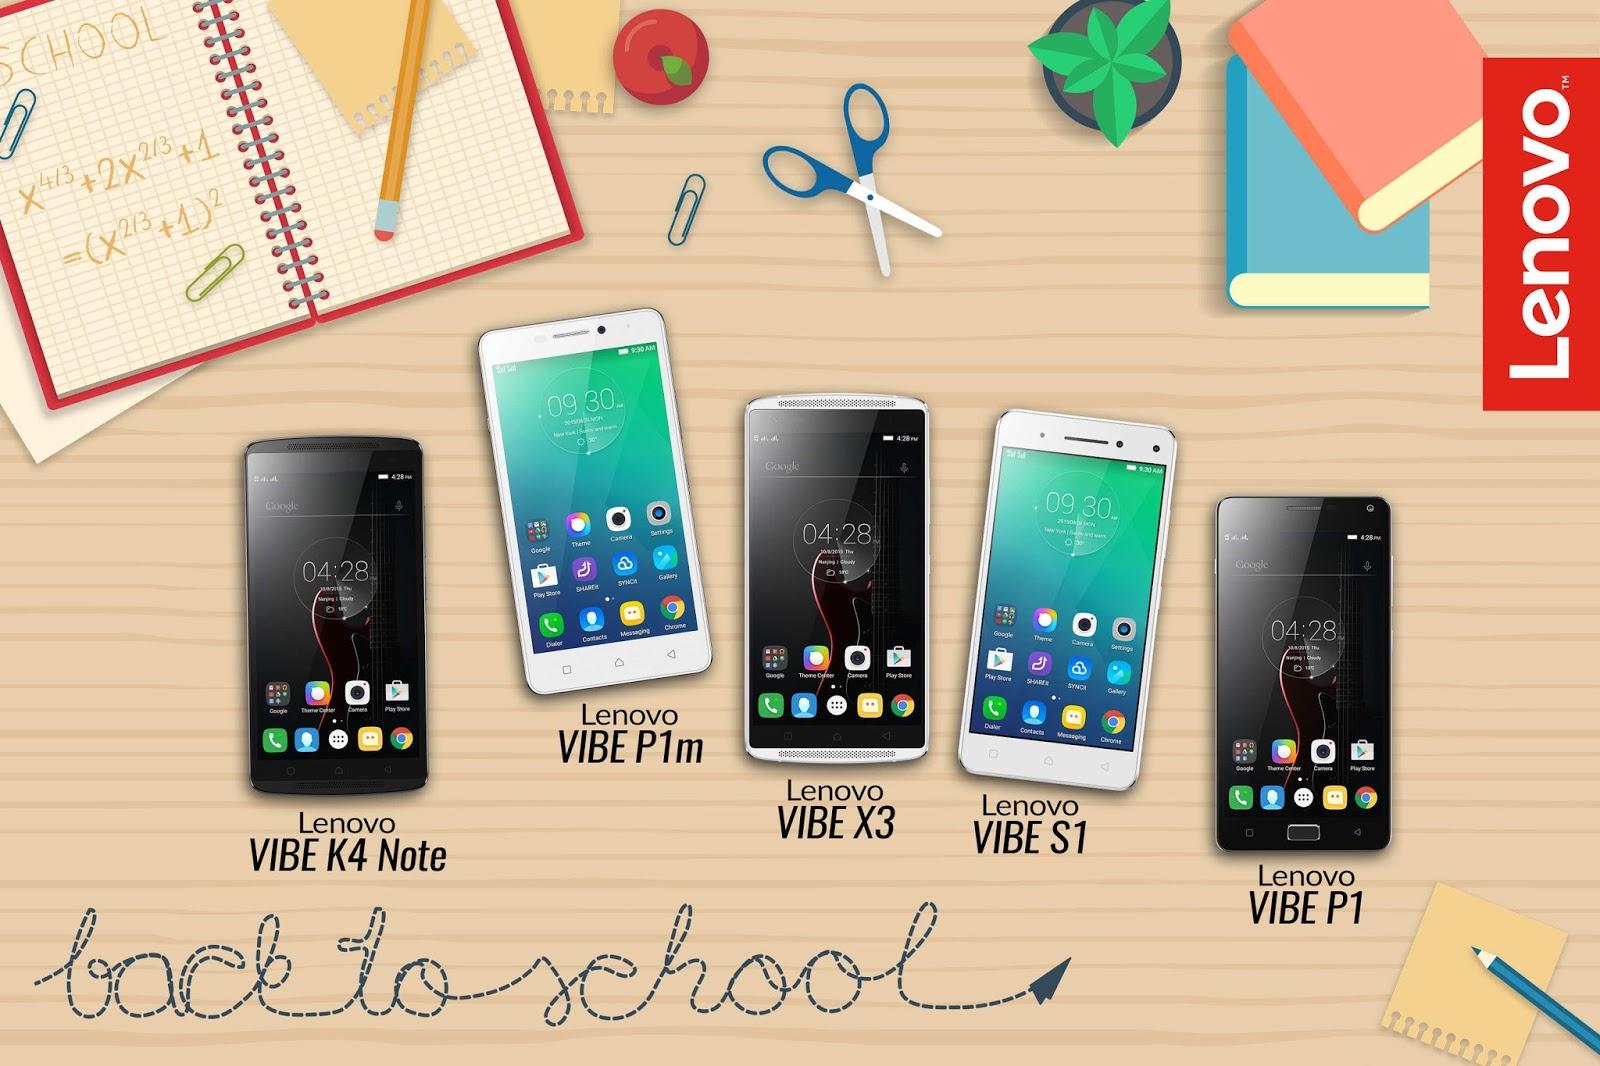 Lenovo's Best-for-School Smartphones